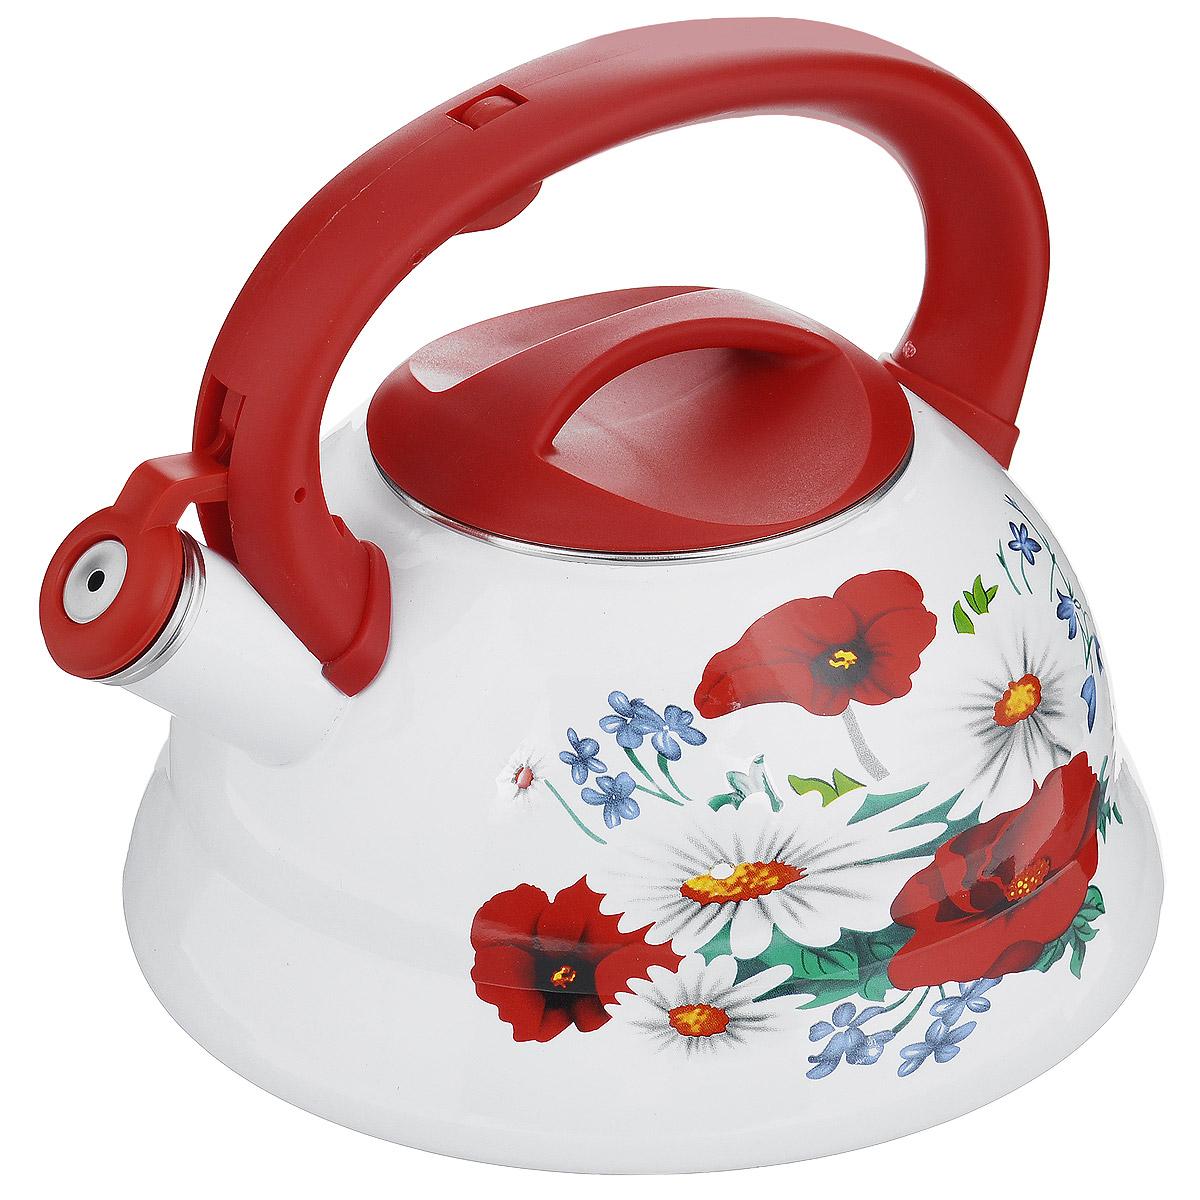 Чайник эмалированный Wellberg Ромашки и маки, со свистком, цвет: белый, красный, 3 л. WB-34343434WBЧайник Wellberg изготовлен из высококачественной нержавеющей стали с эмалированным покрытием. Корпус чайника оформлен ярким цветочным рисунком. Эмалированная посуда очень удобна в использовании, она практична и элегантна. За такой посудой легко ухаживать: чистить и мыть. Чайники с эмалированным покрытием обладают неоспоримым преимуществом: гладкая поверхность не впитывает запахи и препятствует размножению бактерий. Чайник оснащен удобной ручкой из высокопрочного пластика. Носик чайника имеет откидной свисток, звуковой сигнал которого подскажет, когда закипит вода. Положение свистка регулируется при помощи кнопки на ручке чайника. Подходит для использования на электрических, галогенных, стеклокерамических, индукционных плитах. Не ставить чайник на открытый огонь.